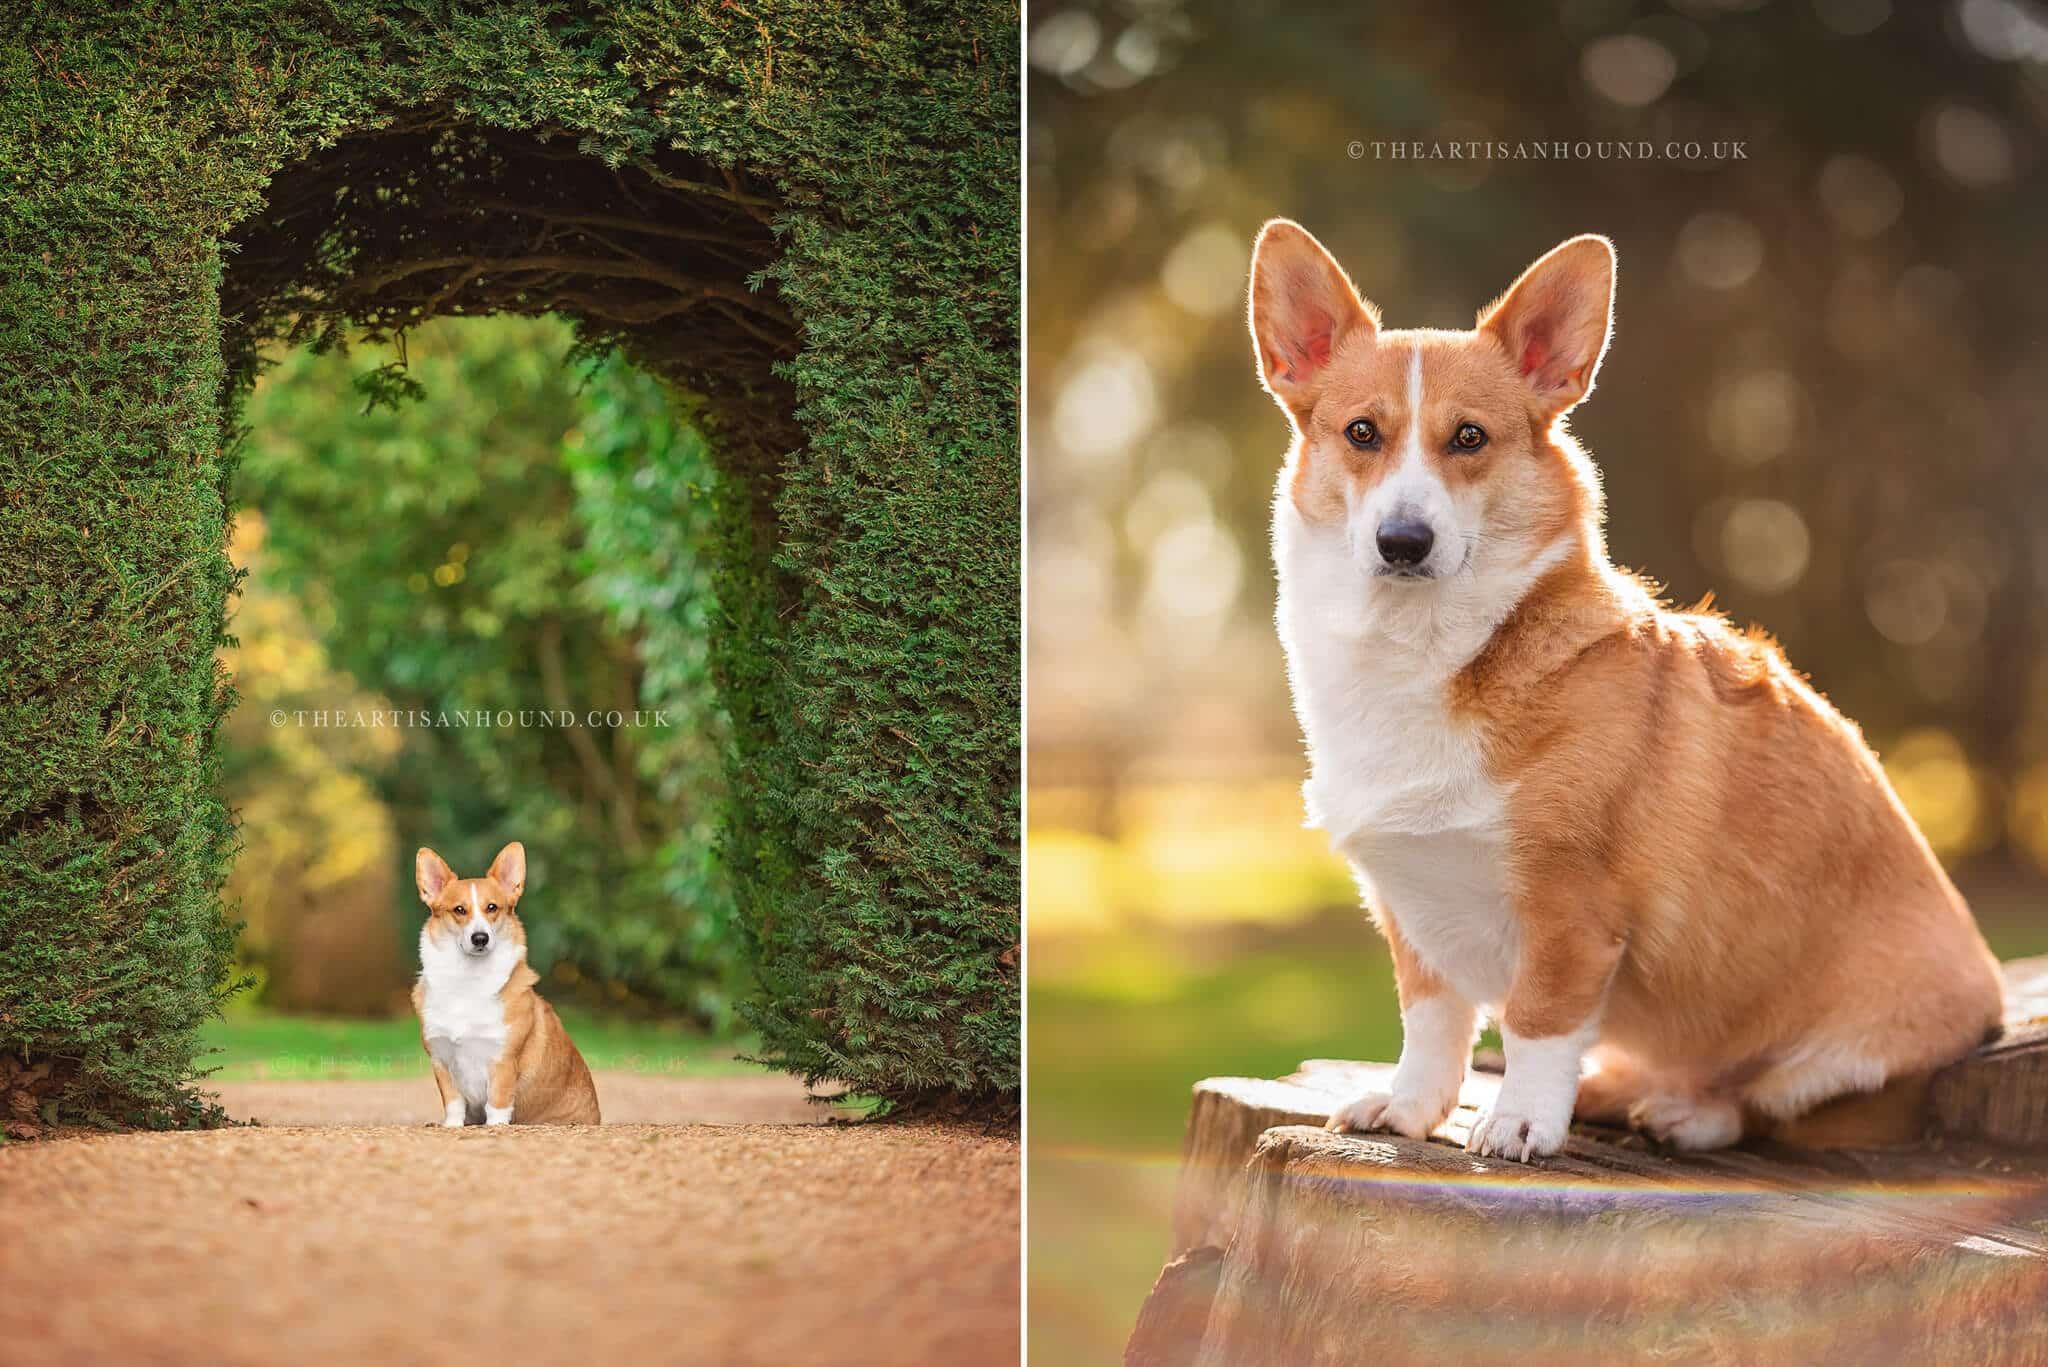 Corgi-dog-sitting-for-photography-session